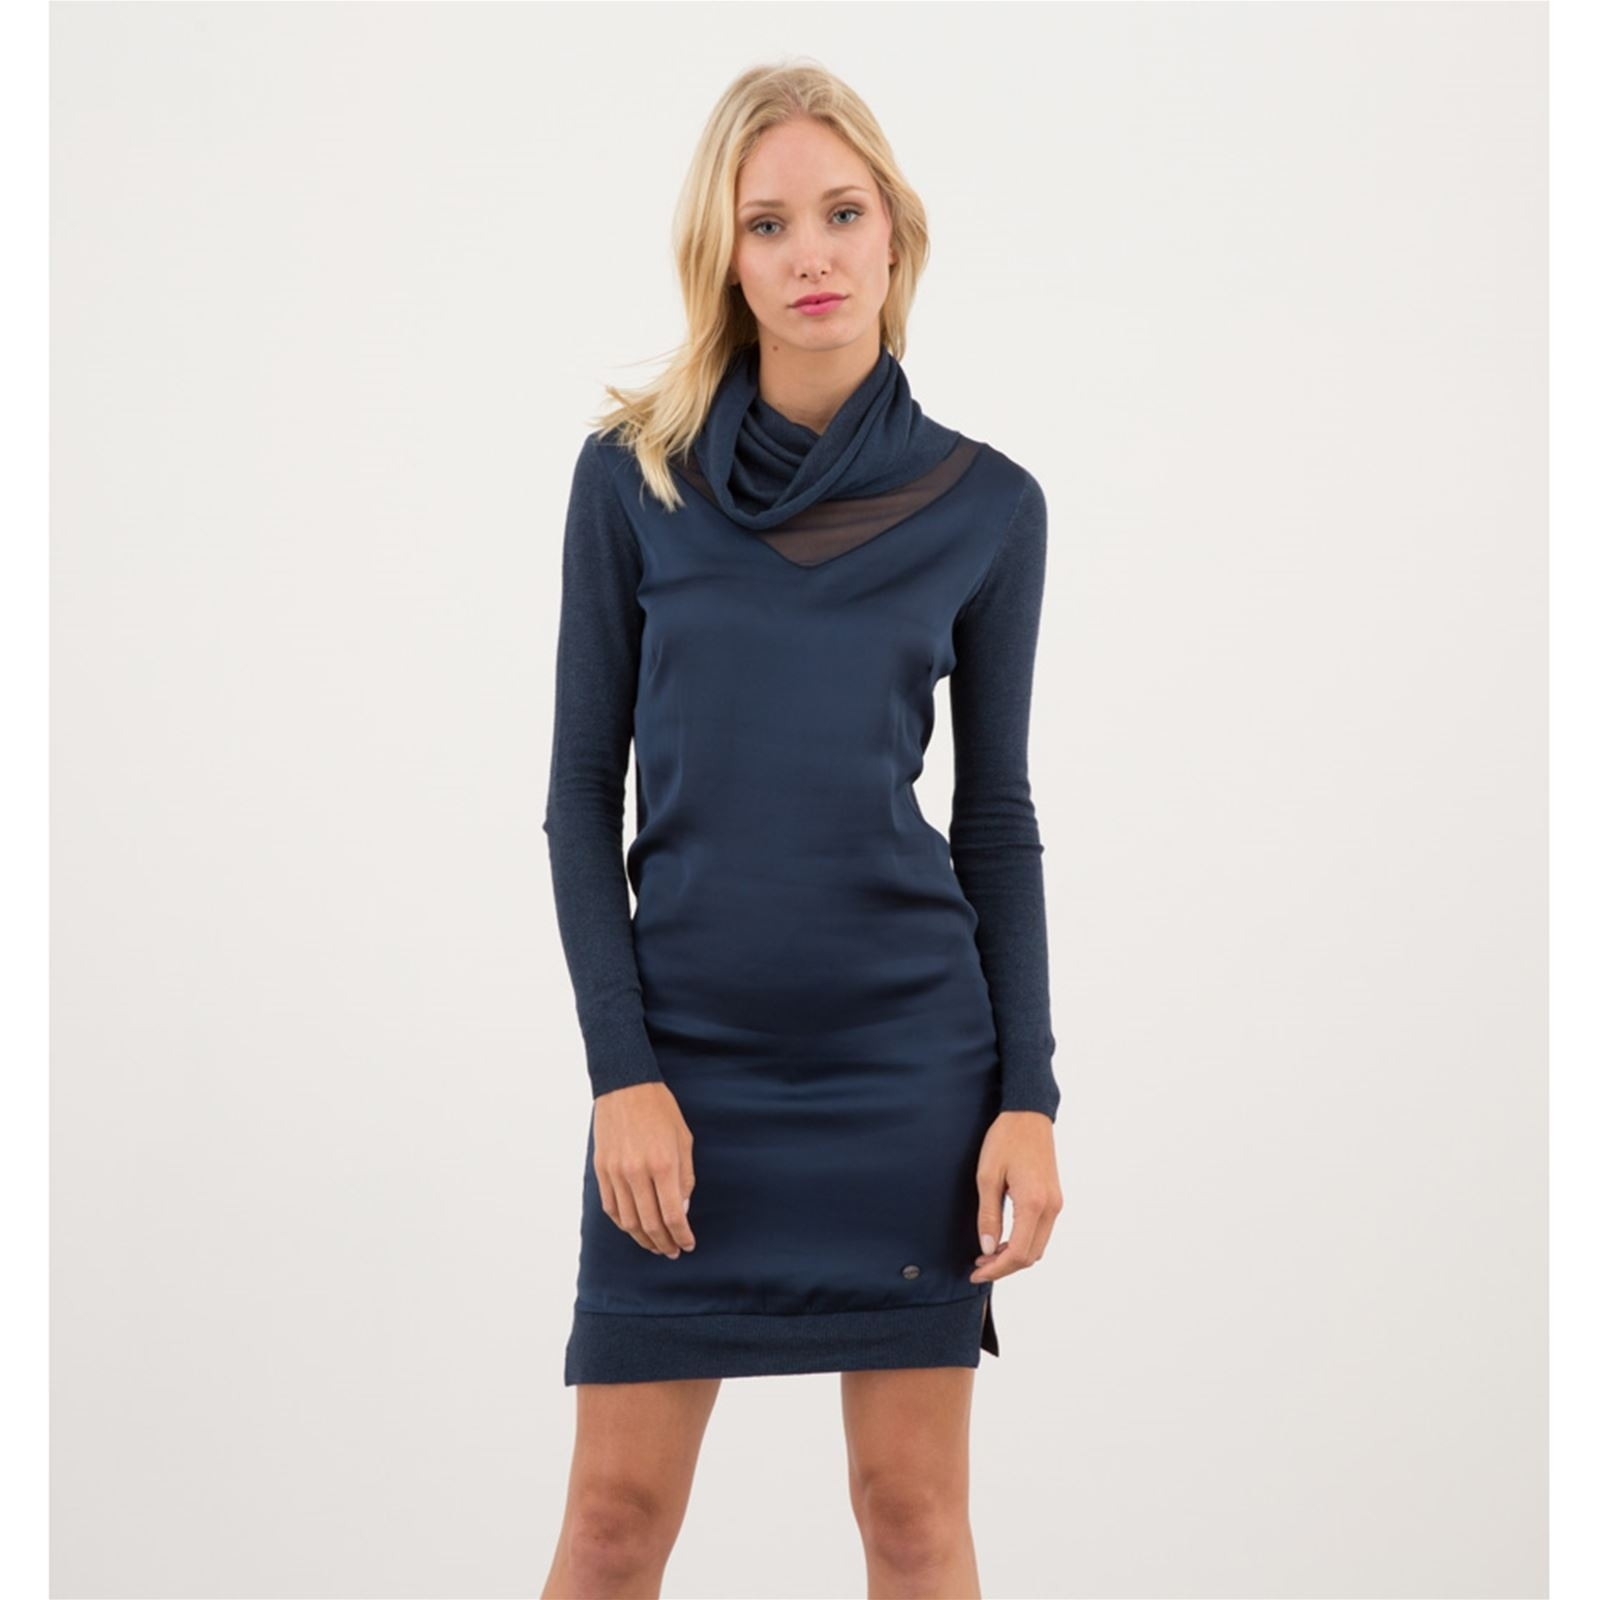 Kleid blau mit armeln